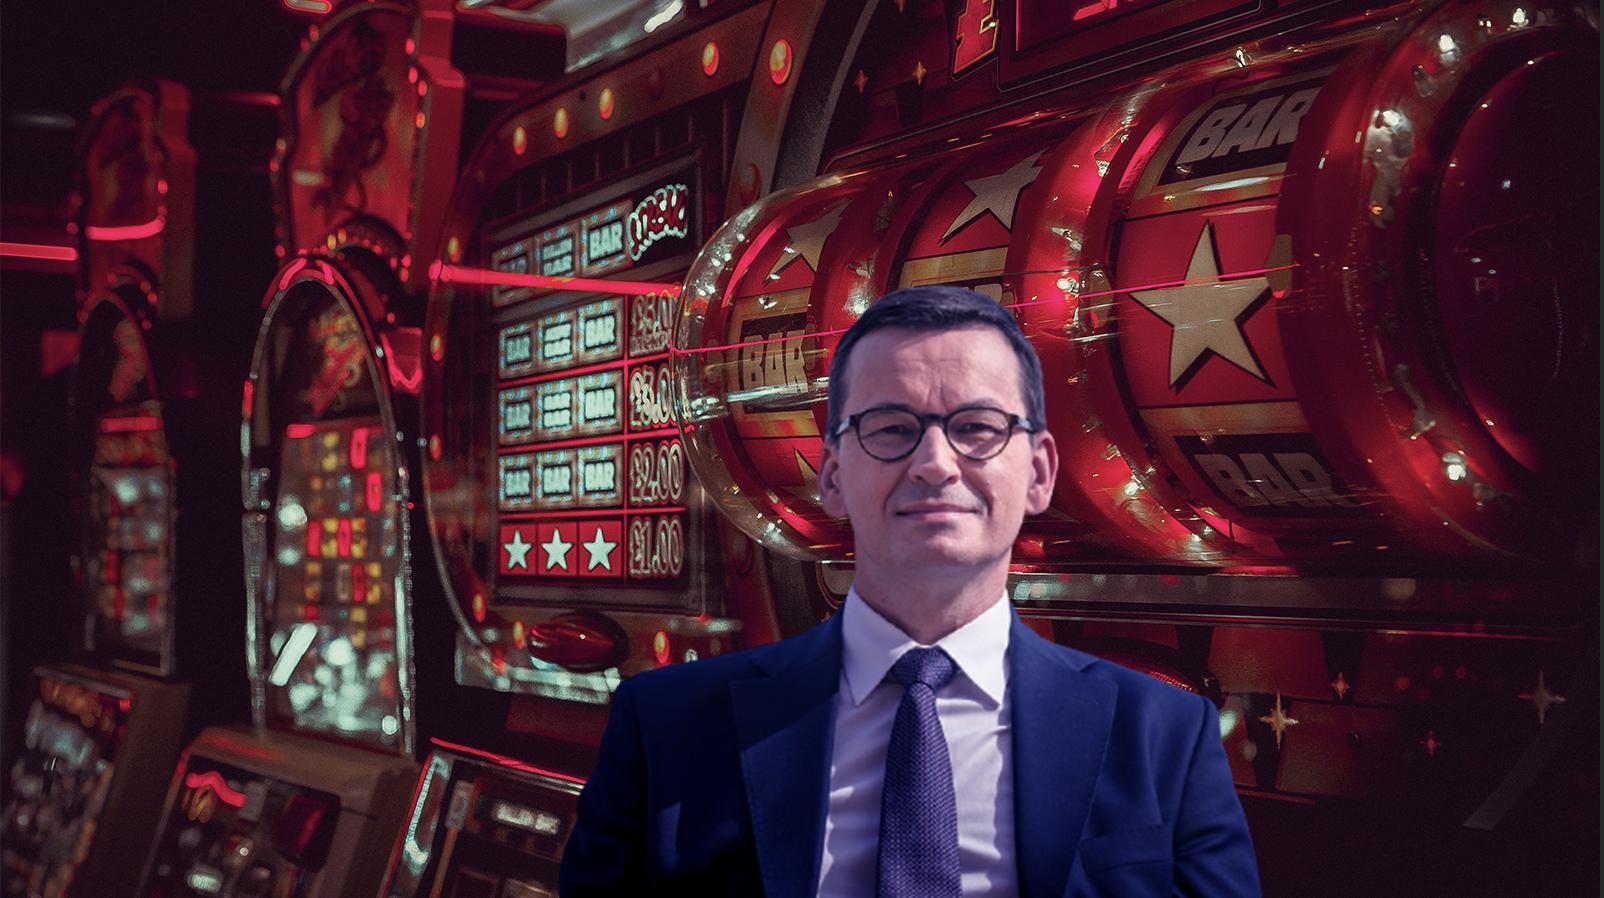 """Dlaczego rząd nie zamyka kasyn? Szef Kancelarii Premiera: """"Nie potrafię odpowiedzieć"""""""